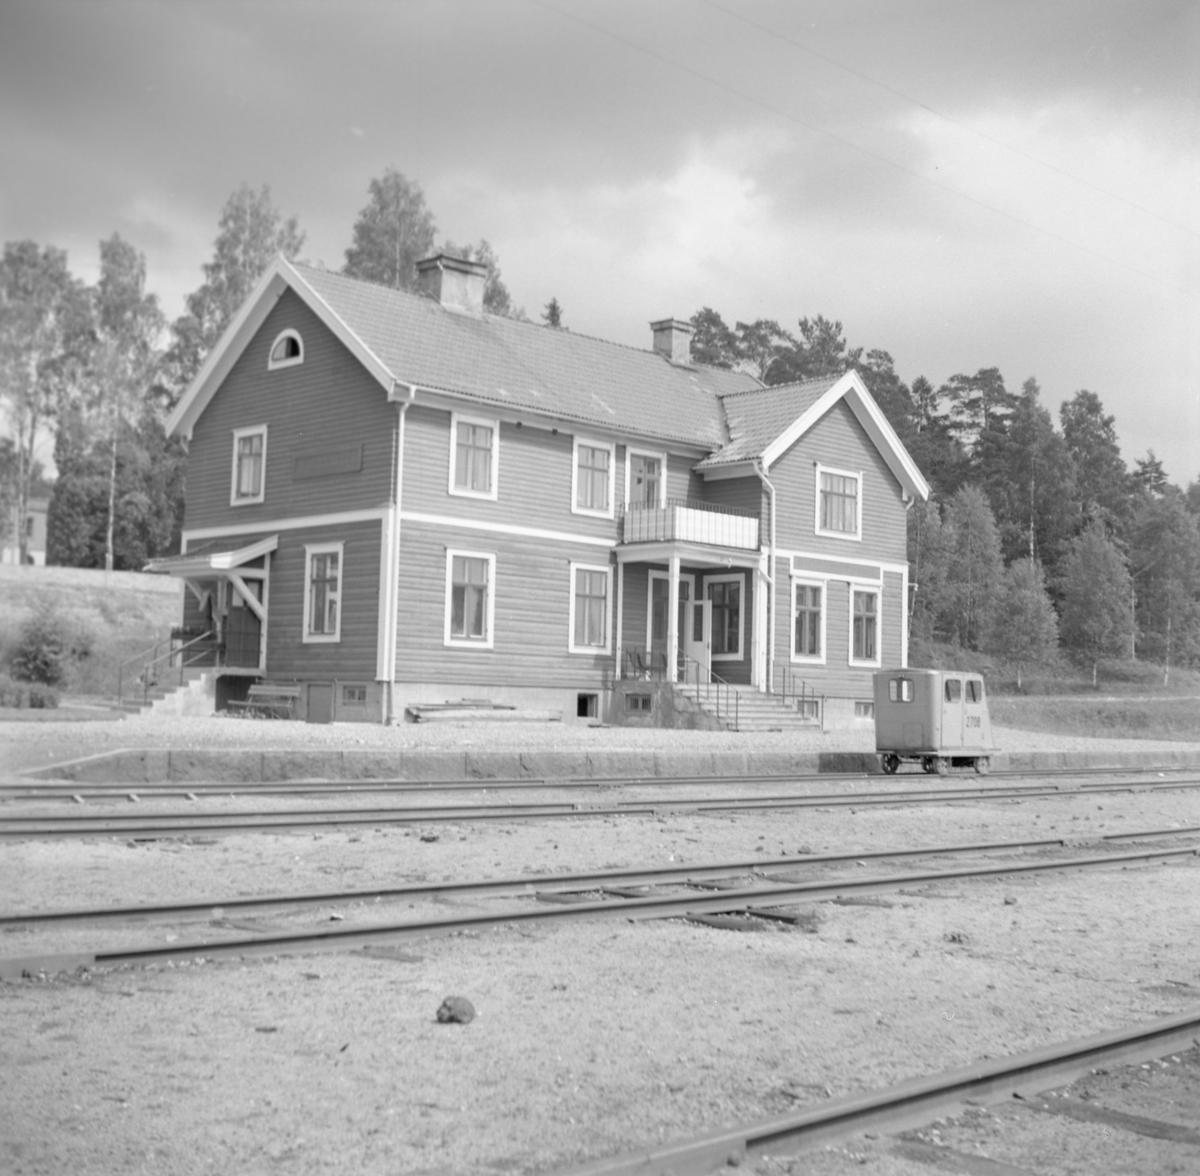 Statens Järnvägar, SJ MD 2708 Riddarhyttan station